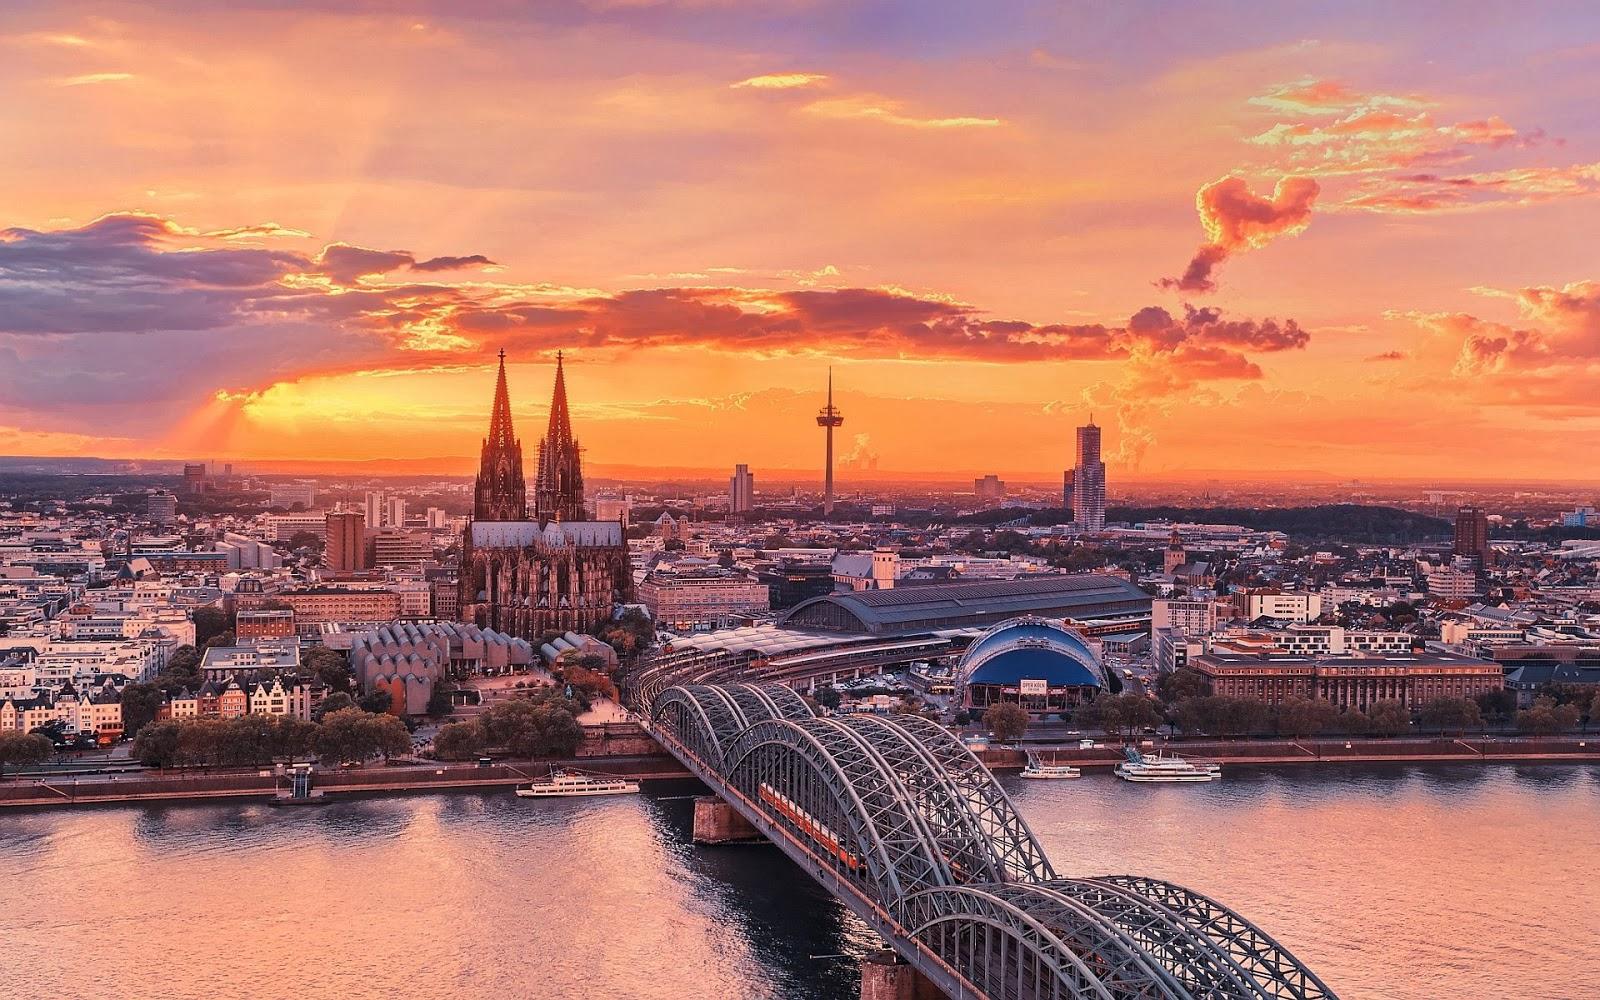 Phong cảnh kỳ vĩ của nước Đức khi giao mùa